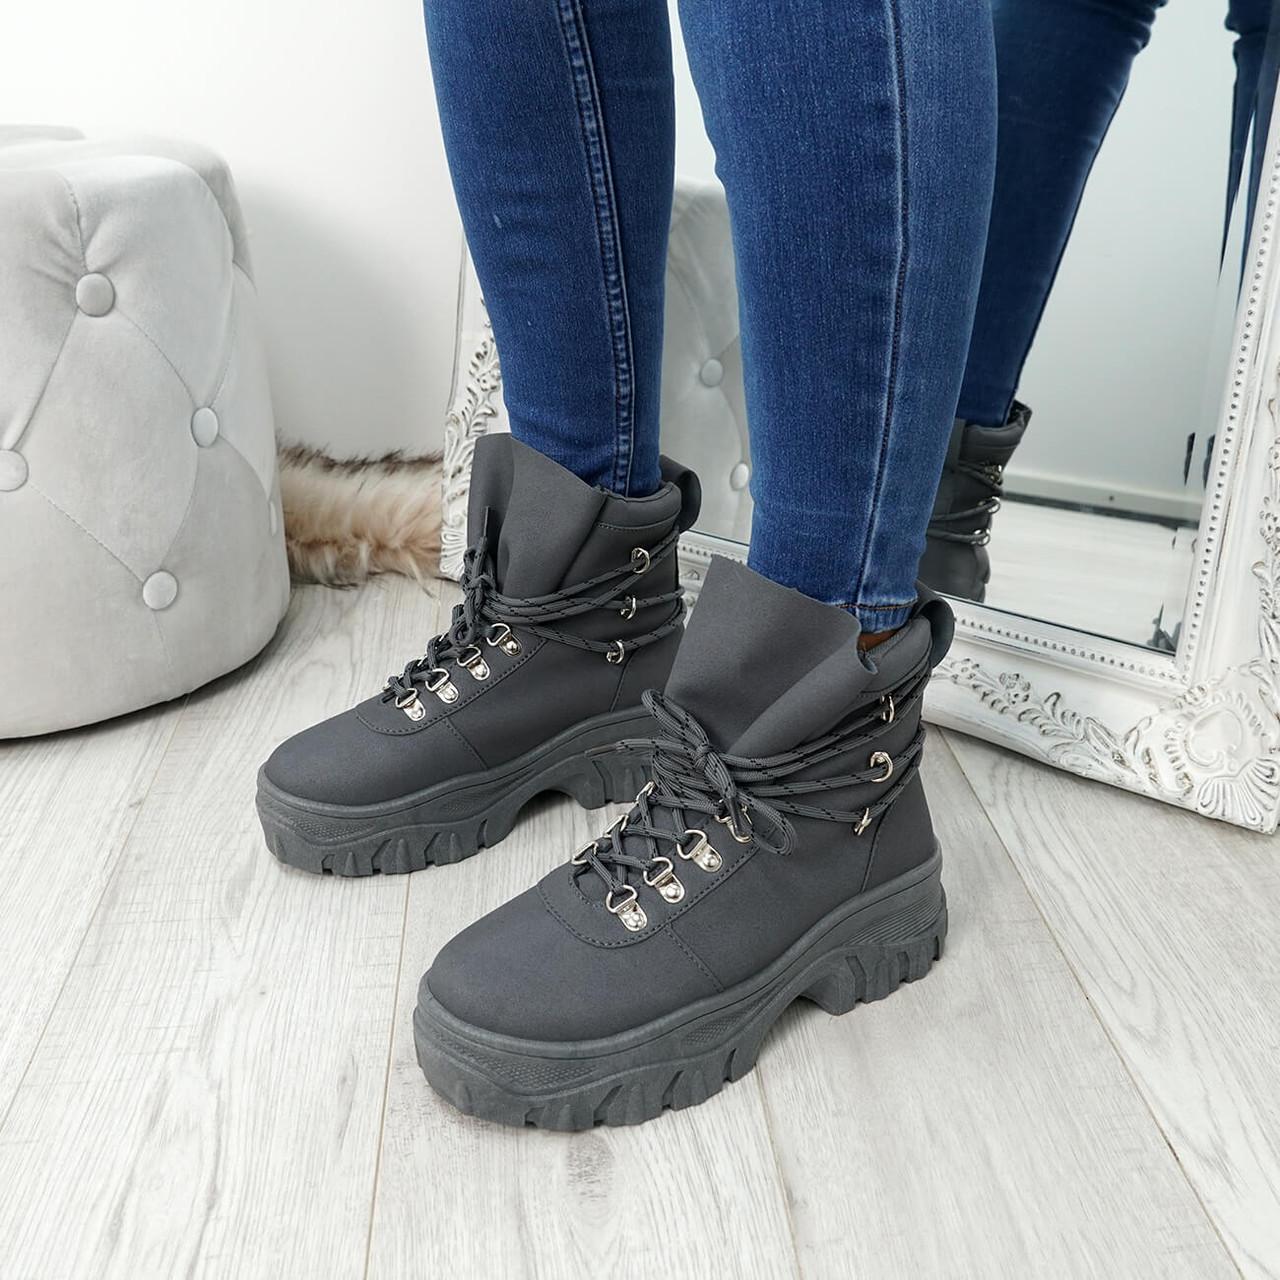 90d2e5a8d44 Women's Ankle Boots & Short Boots - Shop Online | CucuFashion